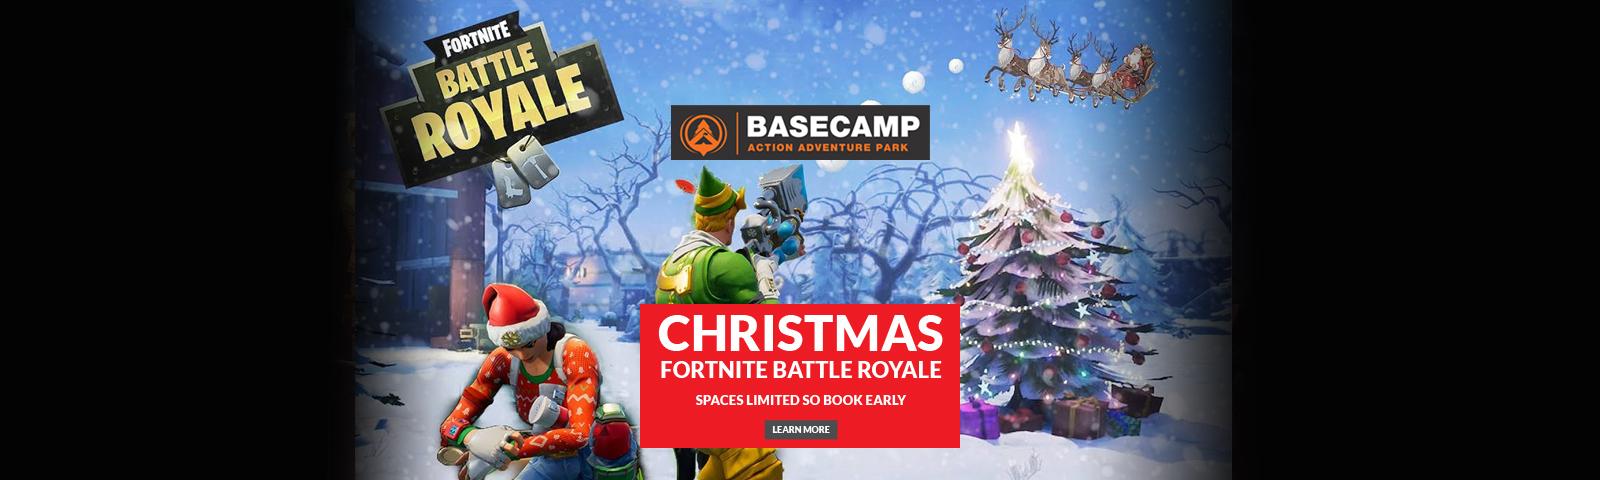 Final-DECEMBER-Battle-Royale_slider